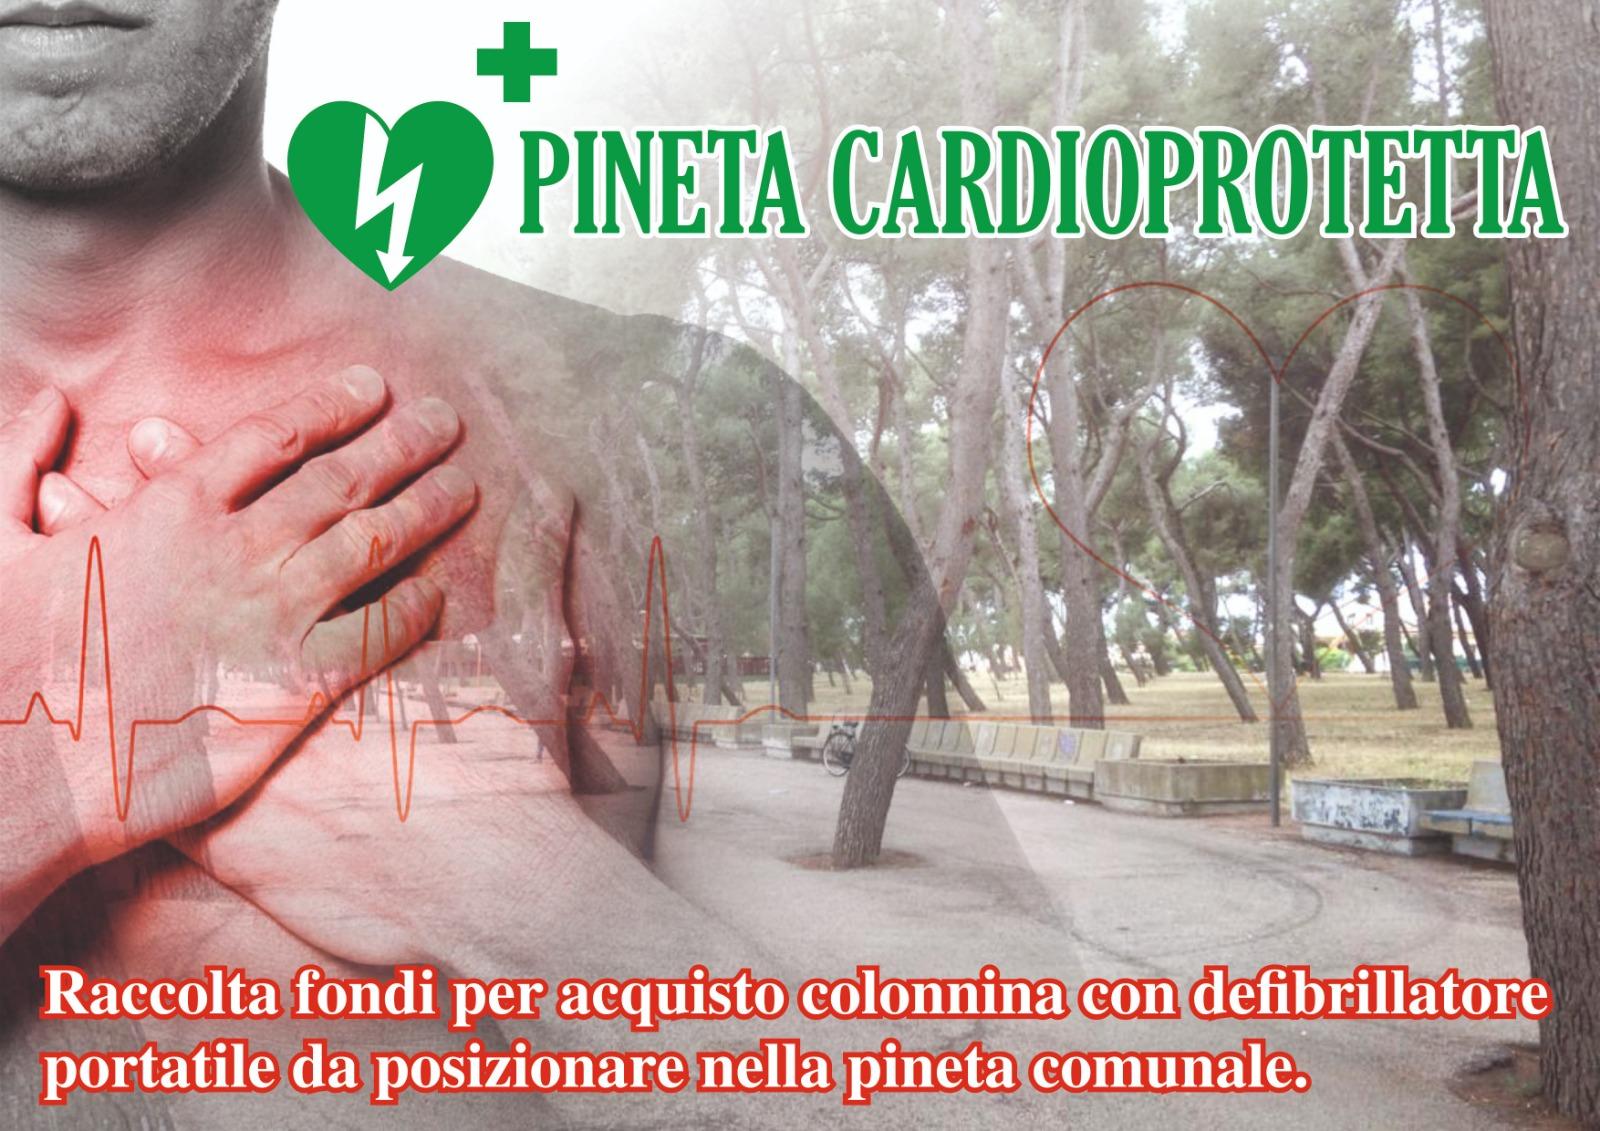 Avviata raccolta fondi su Facebook per acquistare un defibrillatore a Torremaggiore da localizzare in Pineta